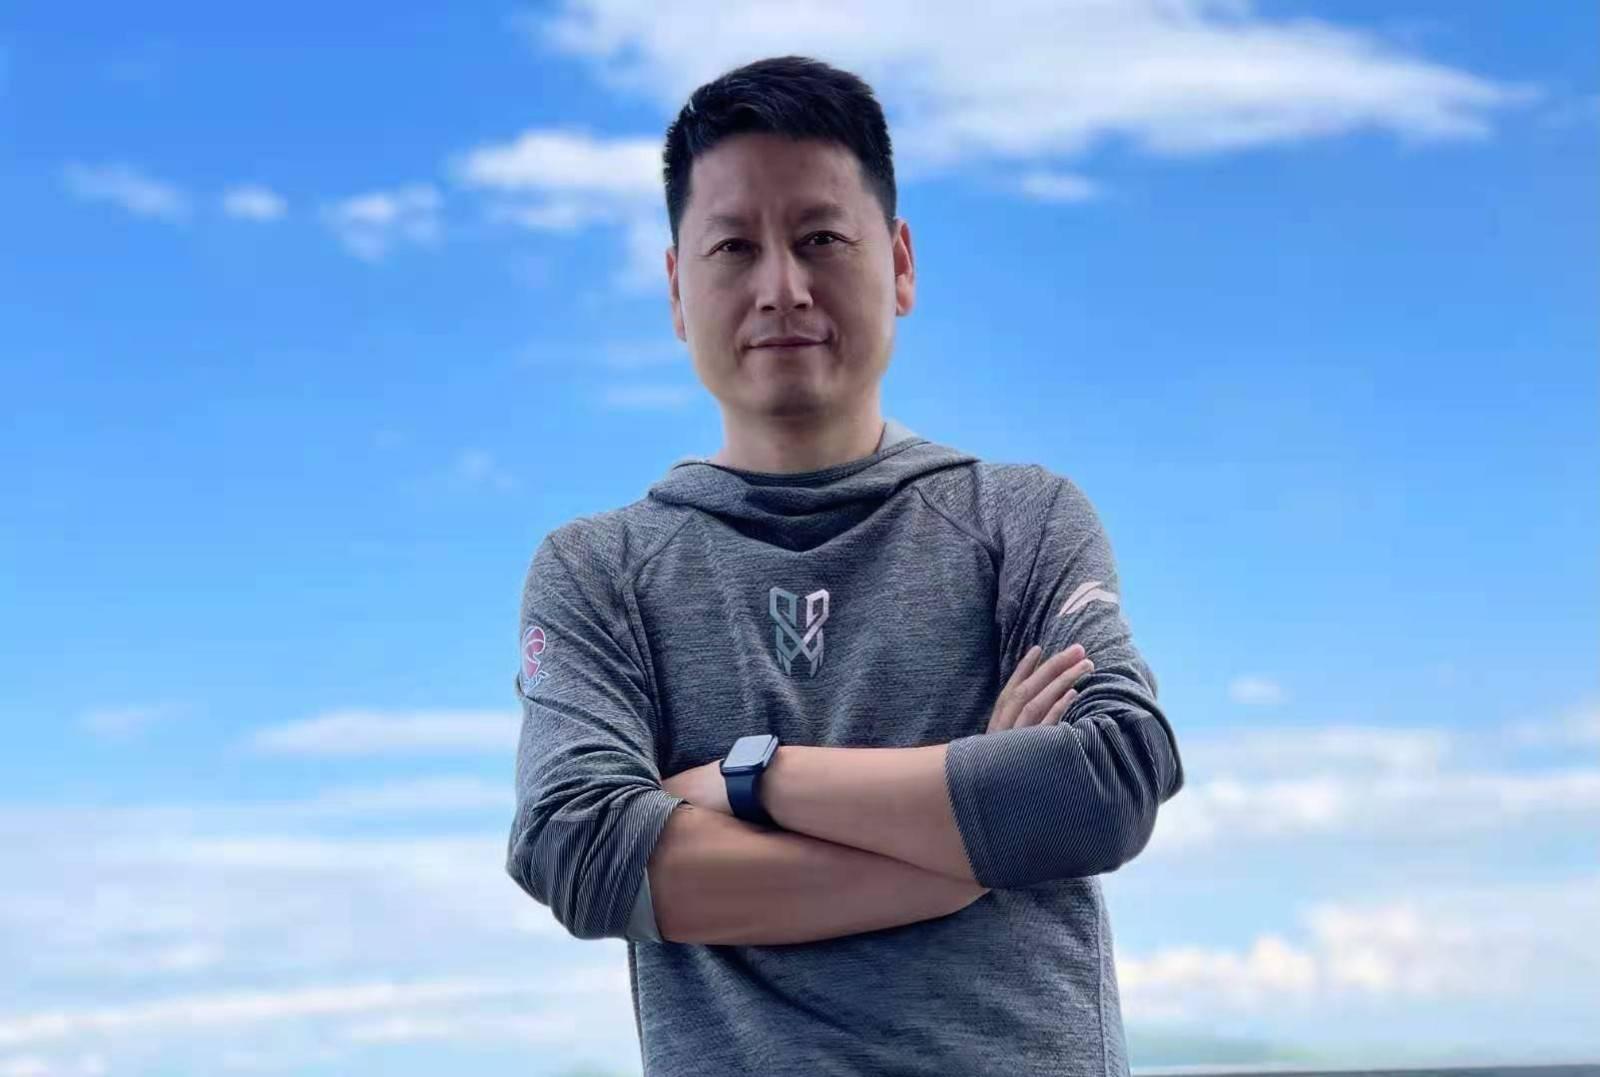 广东男篮视频分析师加盟上海 因李春江是其伯乐